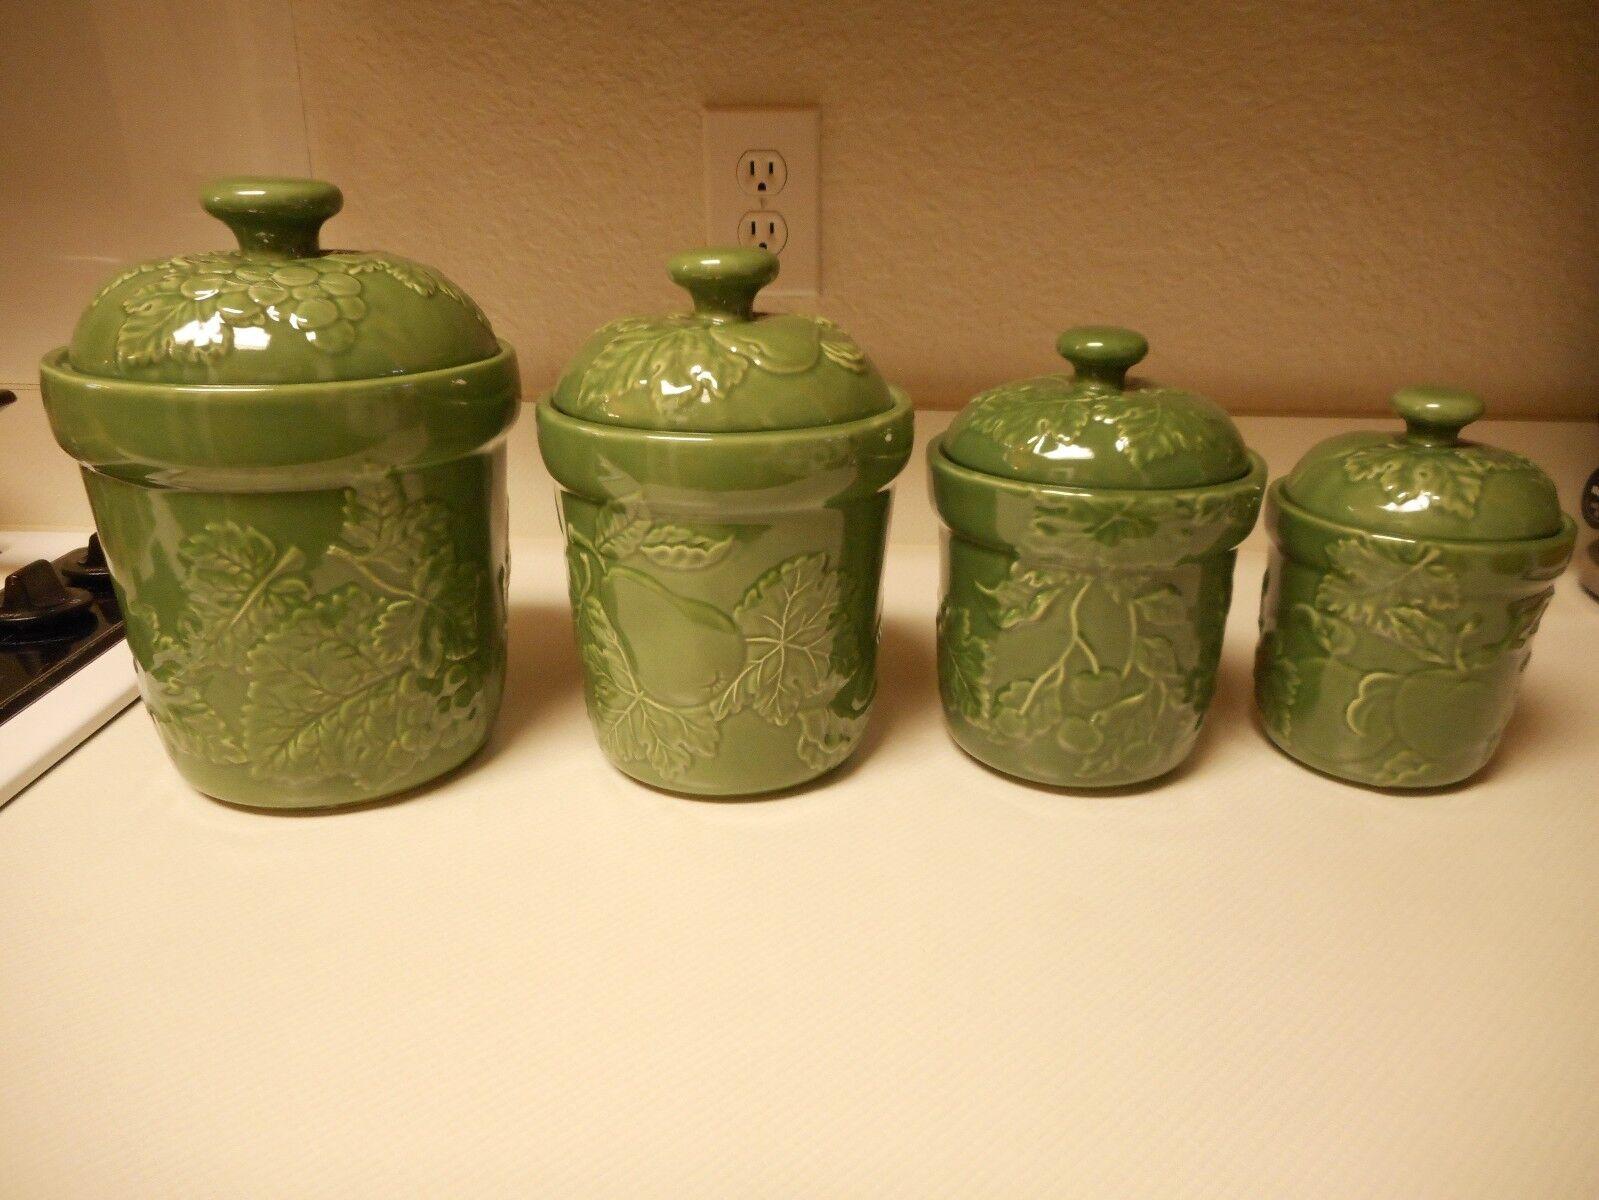 Le principal Ingrédient Canister Set Vert Ivy fruits 4 Bidons avec Couvercles